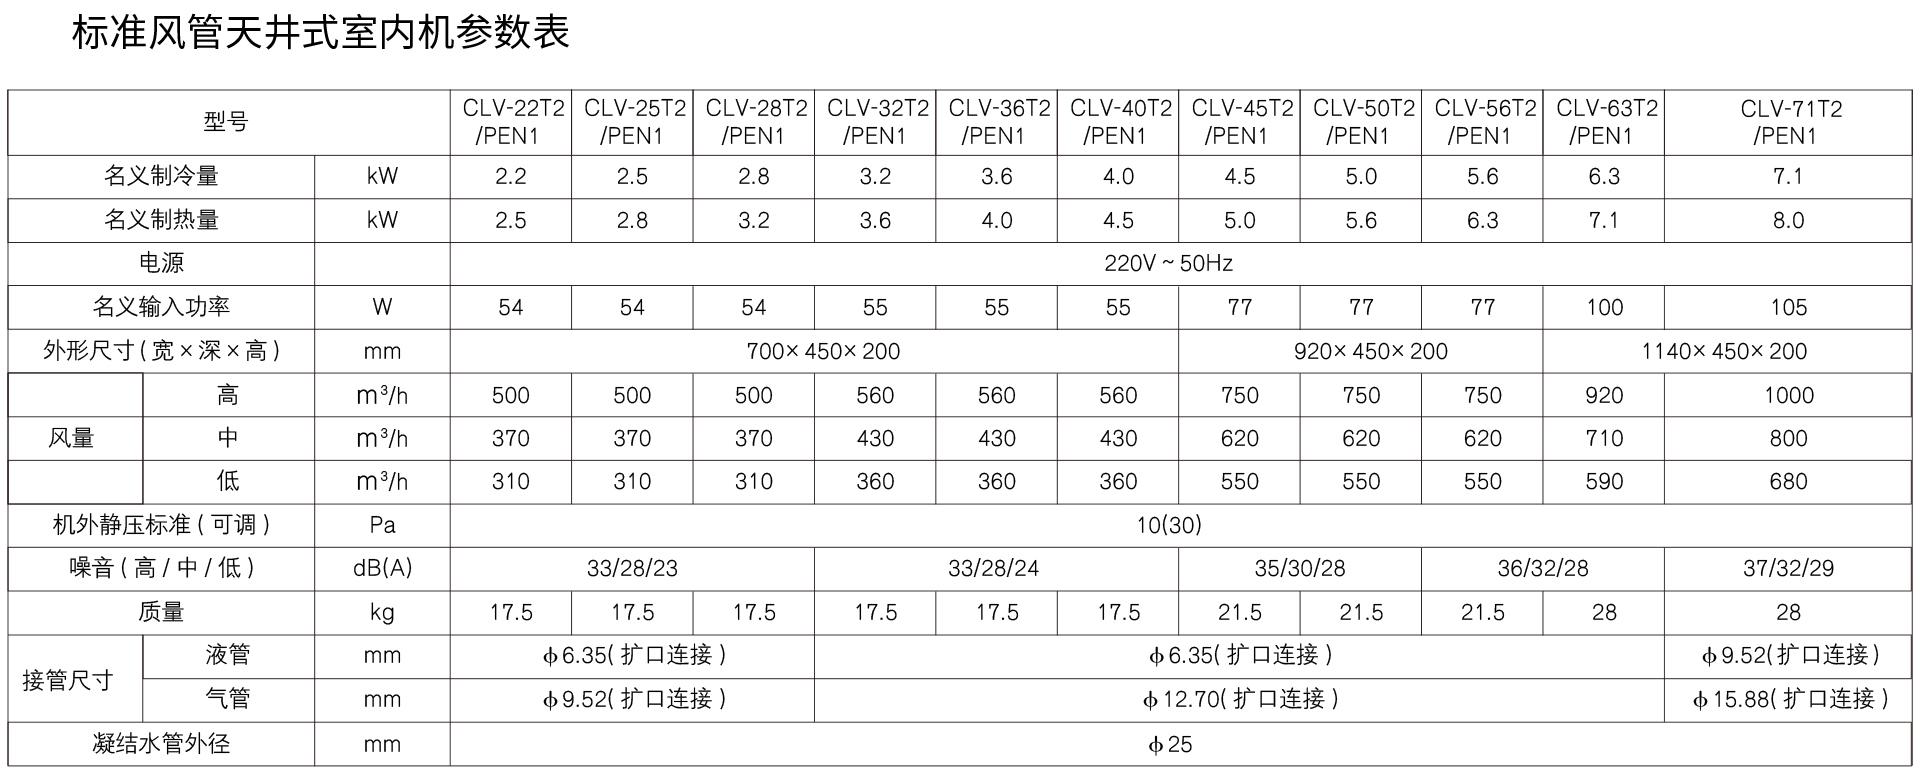 家用中央空调参数-3.jpg